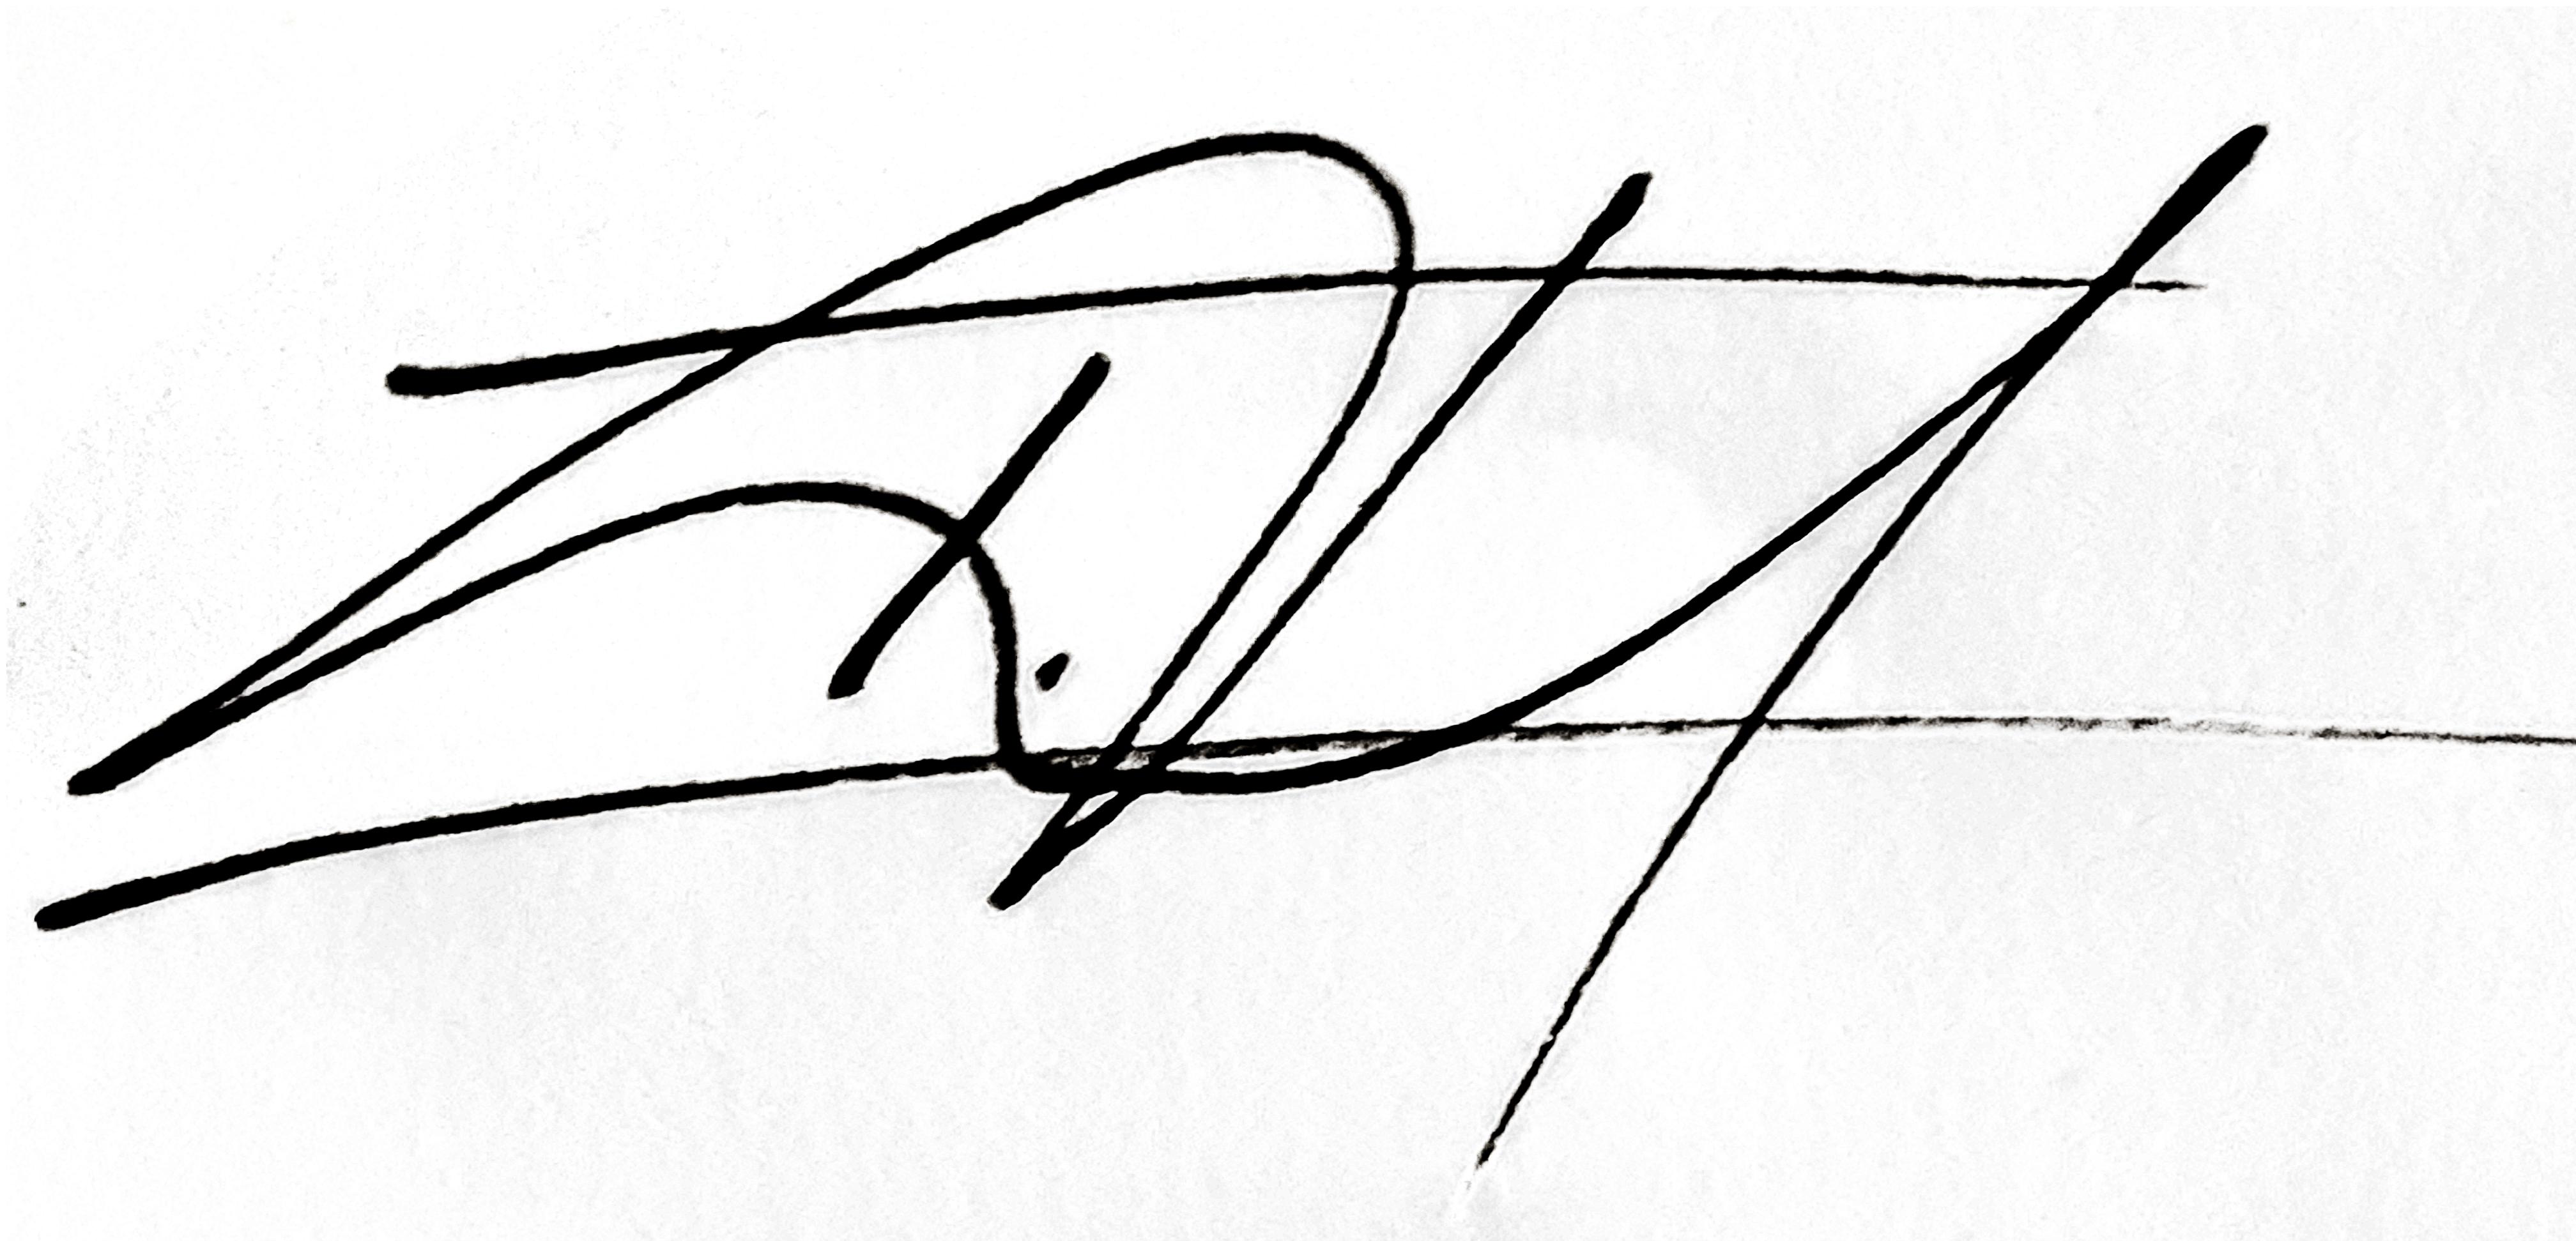 IZZY KAY Signature